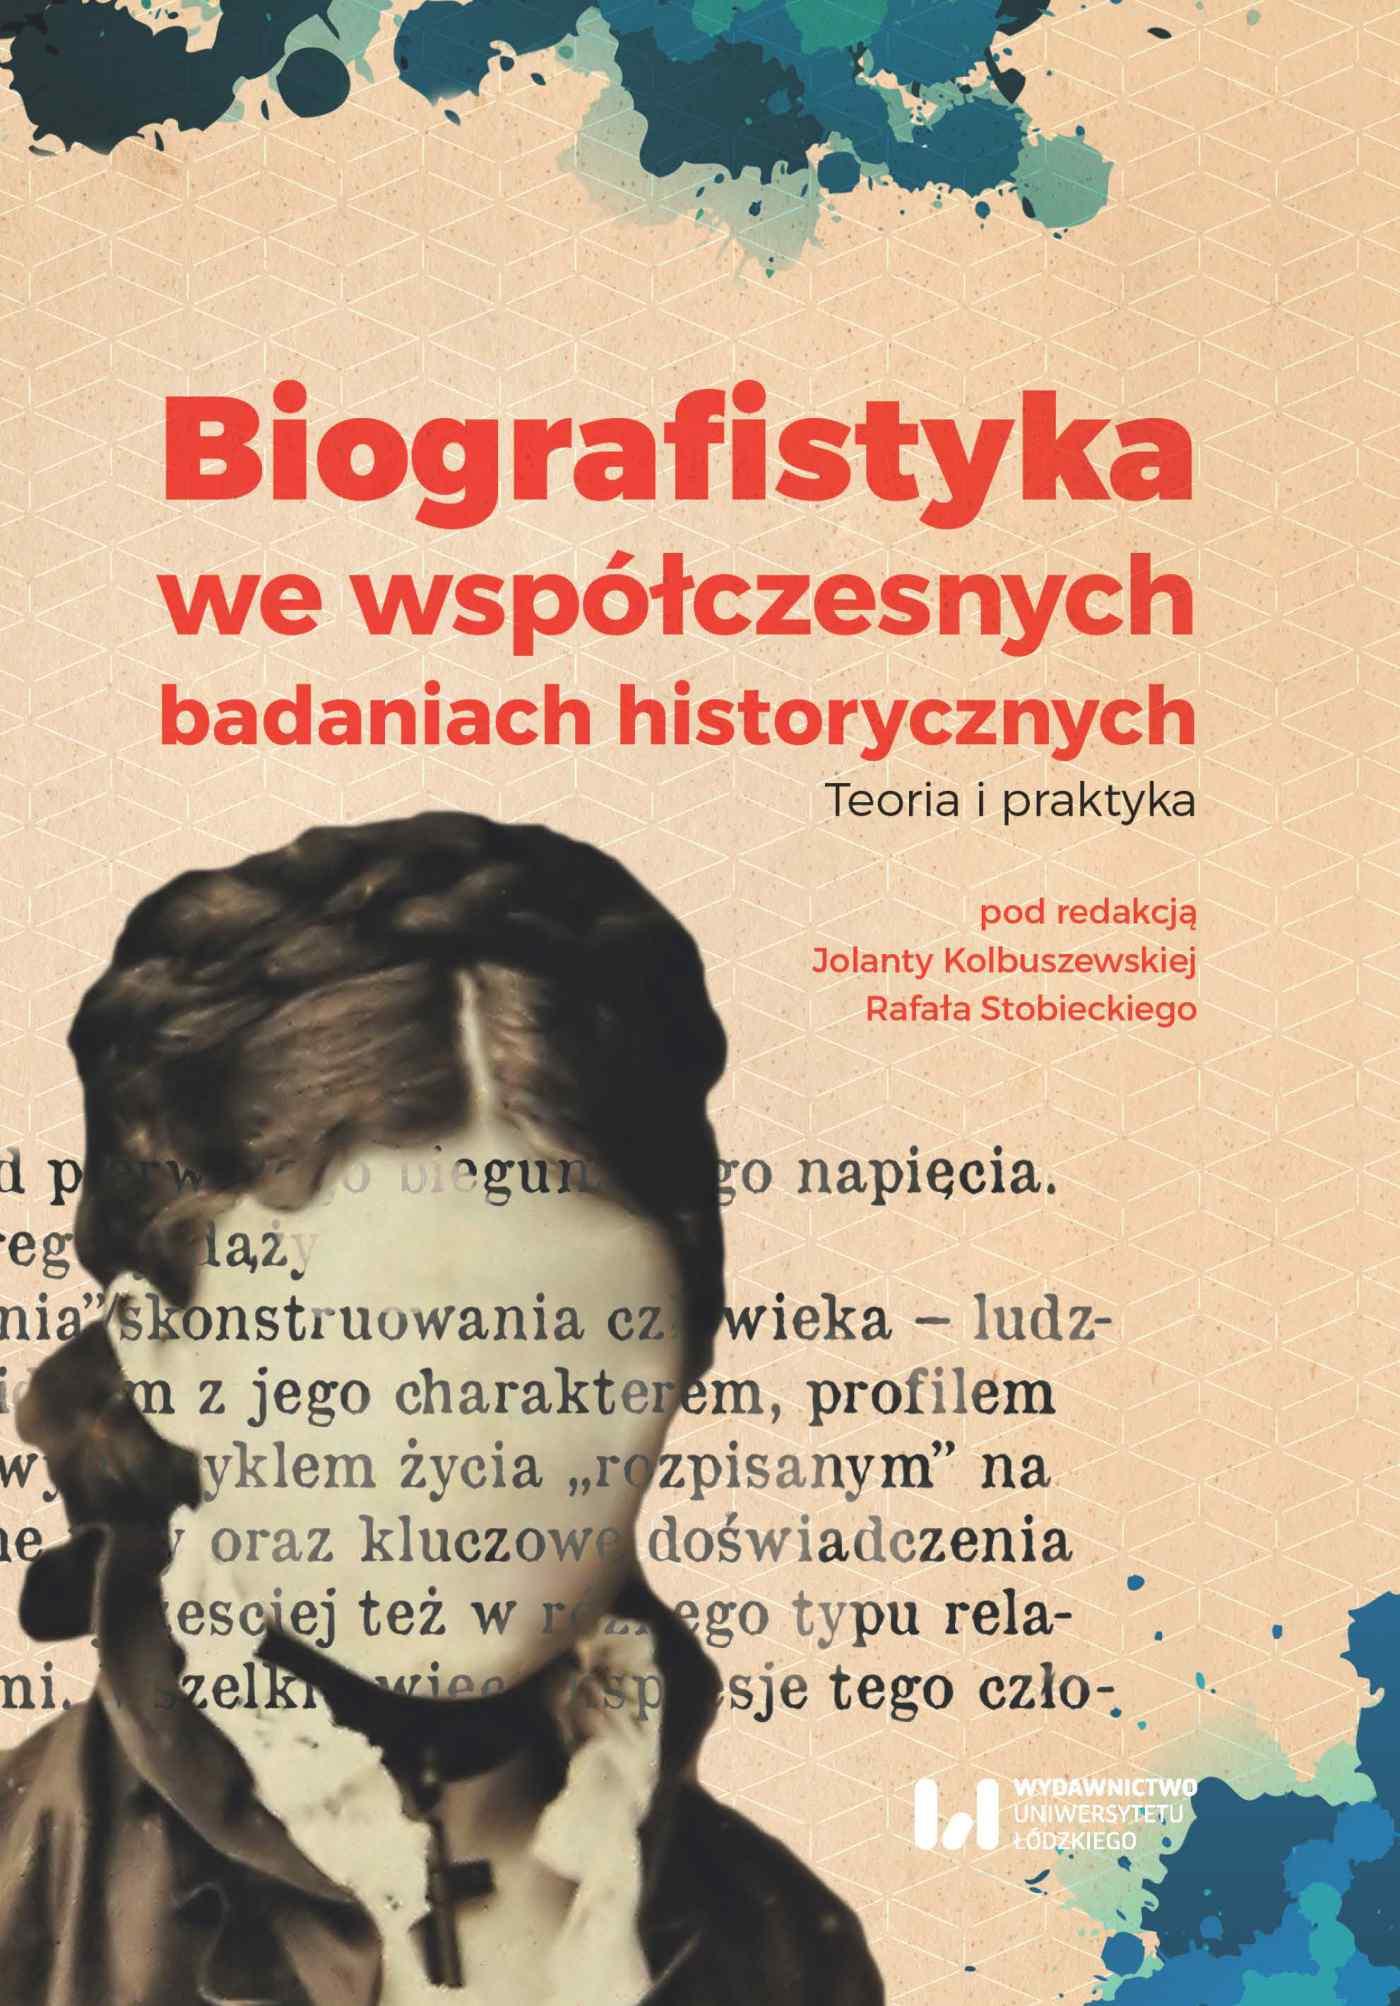 Biografistyka we współczesnych badaniach historiograficznych. Teoria i praktyka - Ebook (Książka PDF) do pobrania w formacie PDF